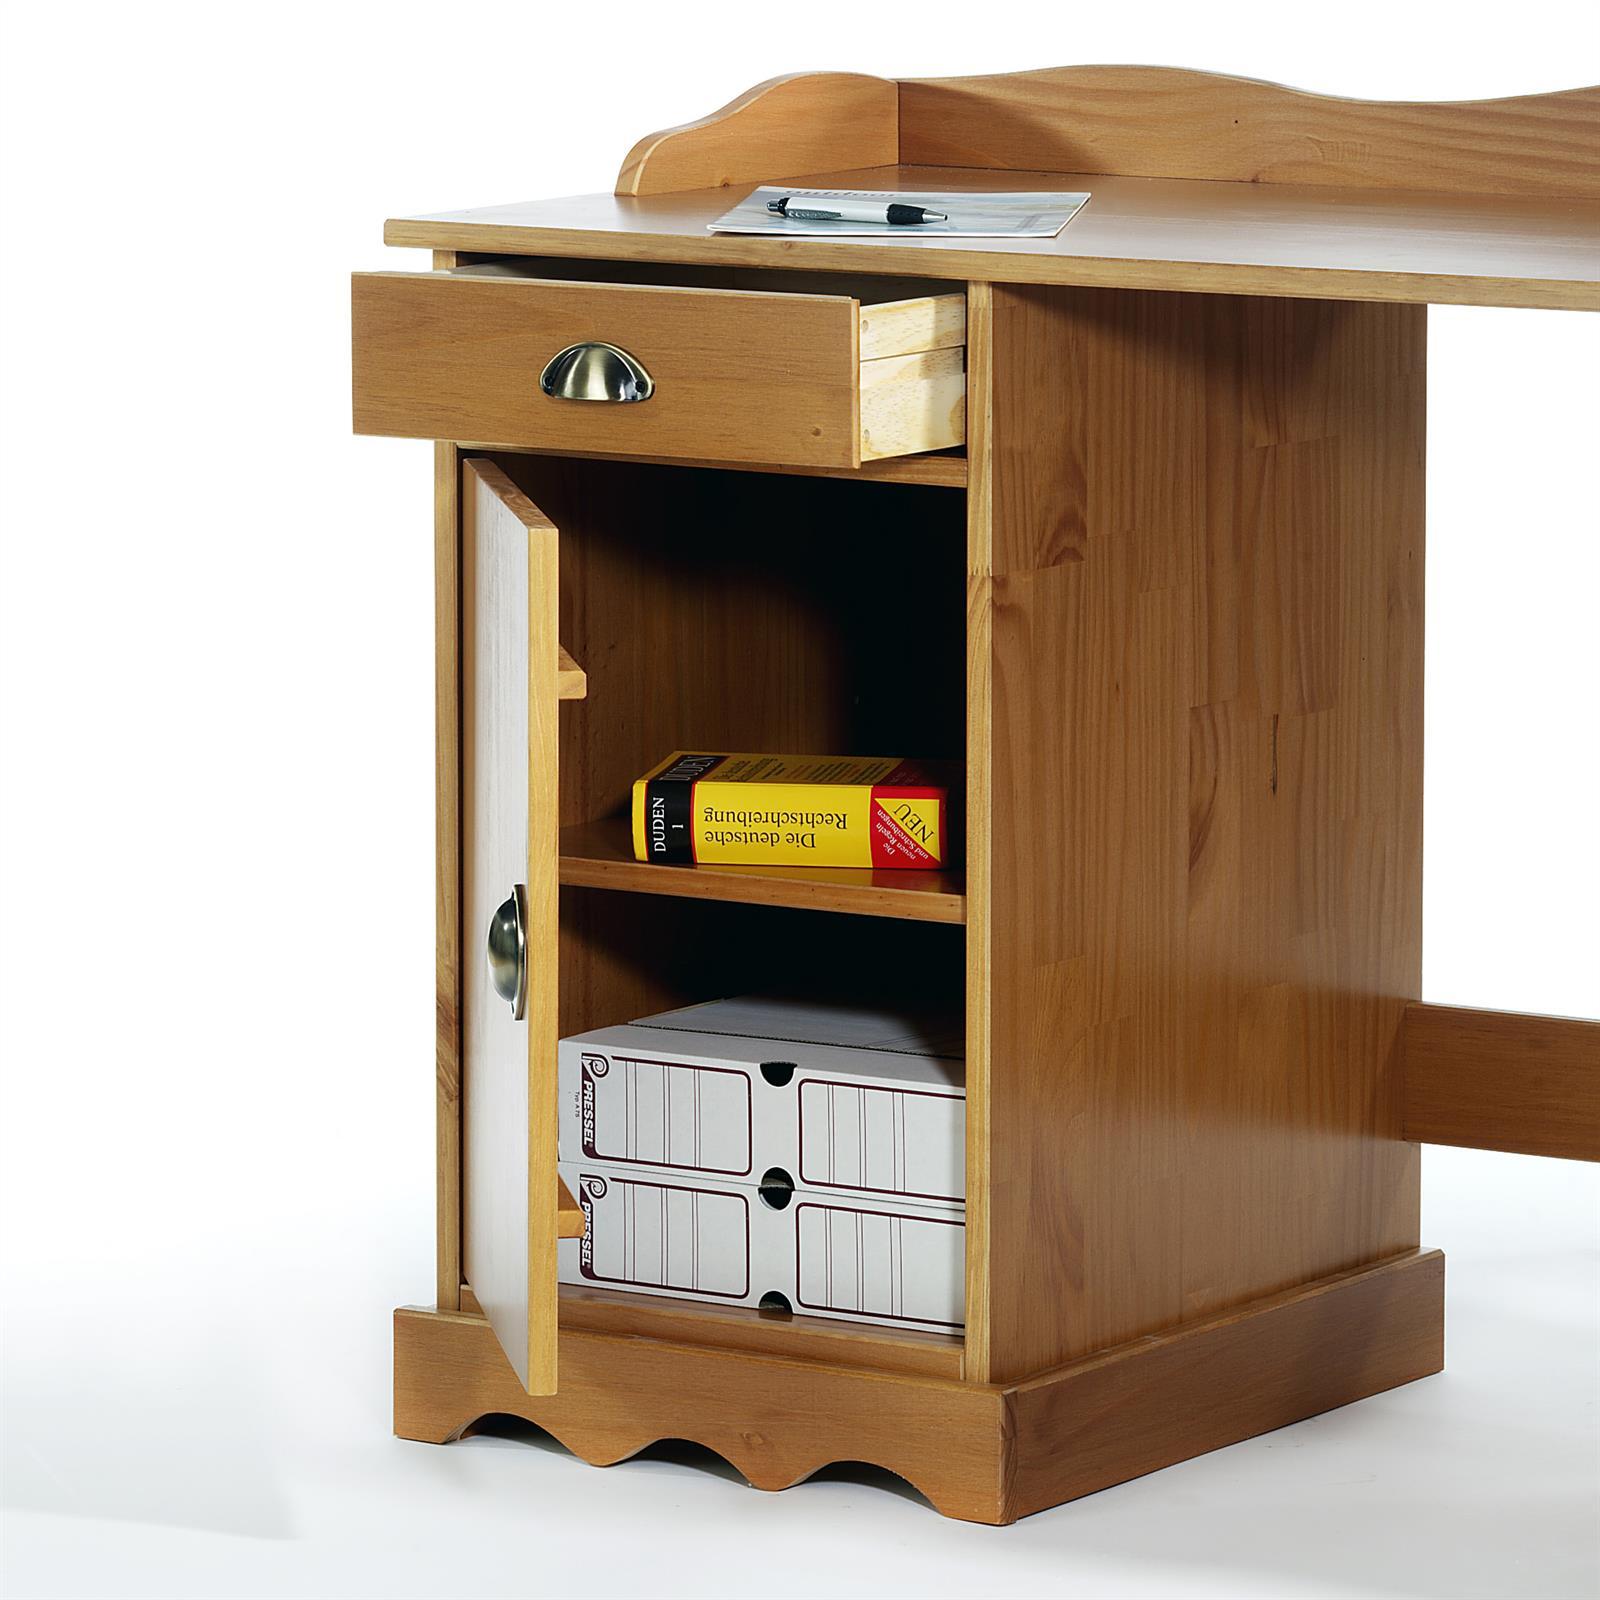 schreibtisch mit aufsatz computertisch arbeitstisch kiefer massiv landhausstil ebay. Black Bedroom Furniture Sets. Home Design Ideas